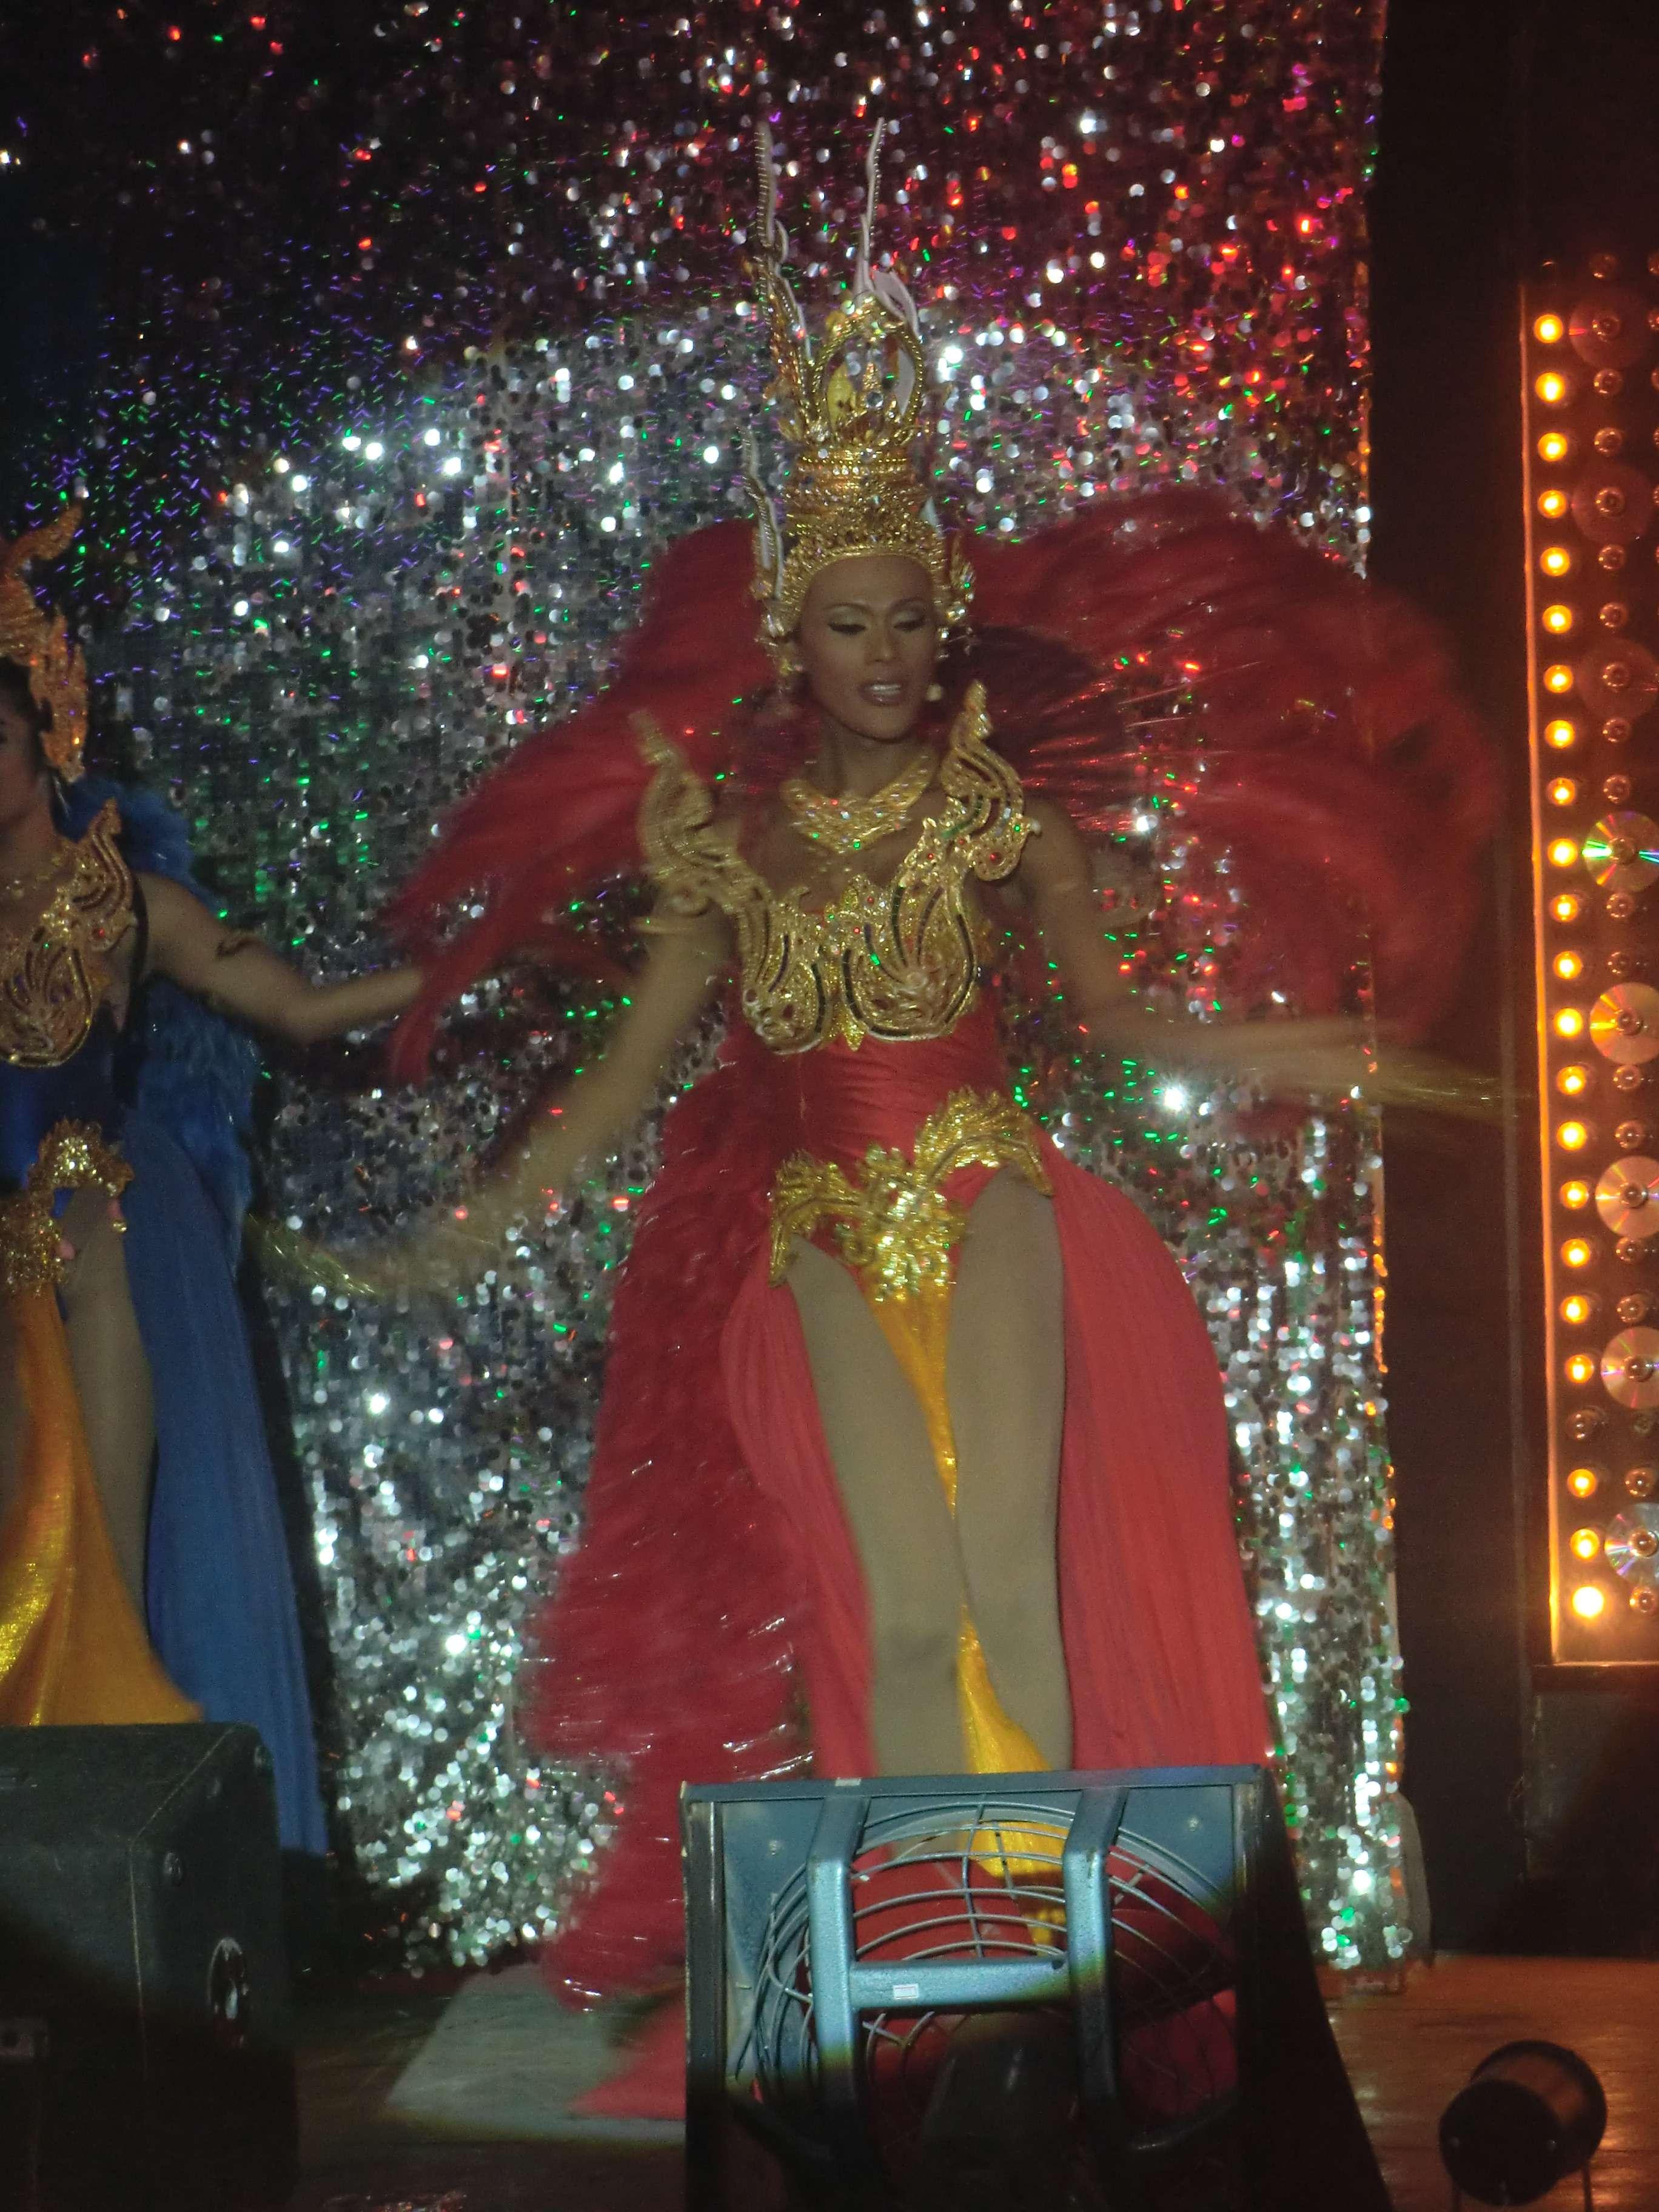 Koh Samui - Tauchen und Ladyboy-Show's sind ein Erlebnis 7